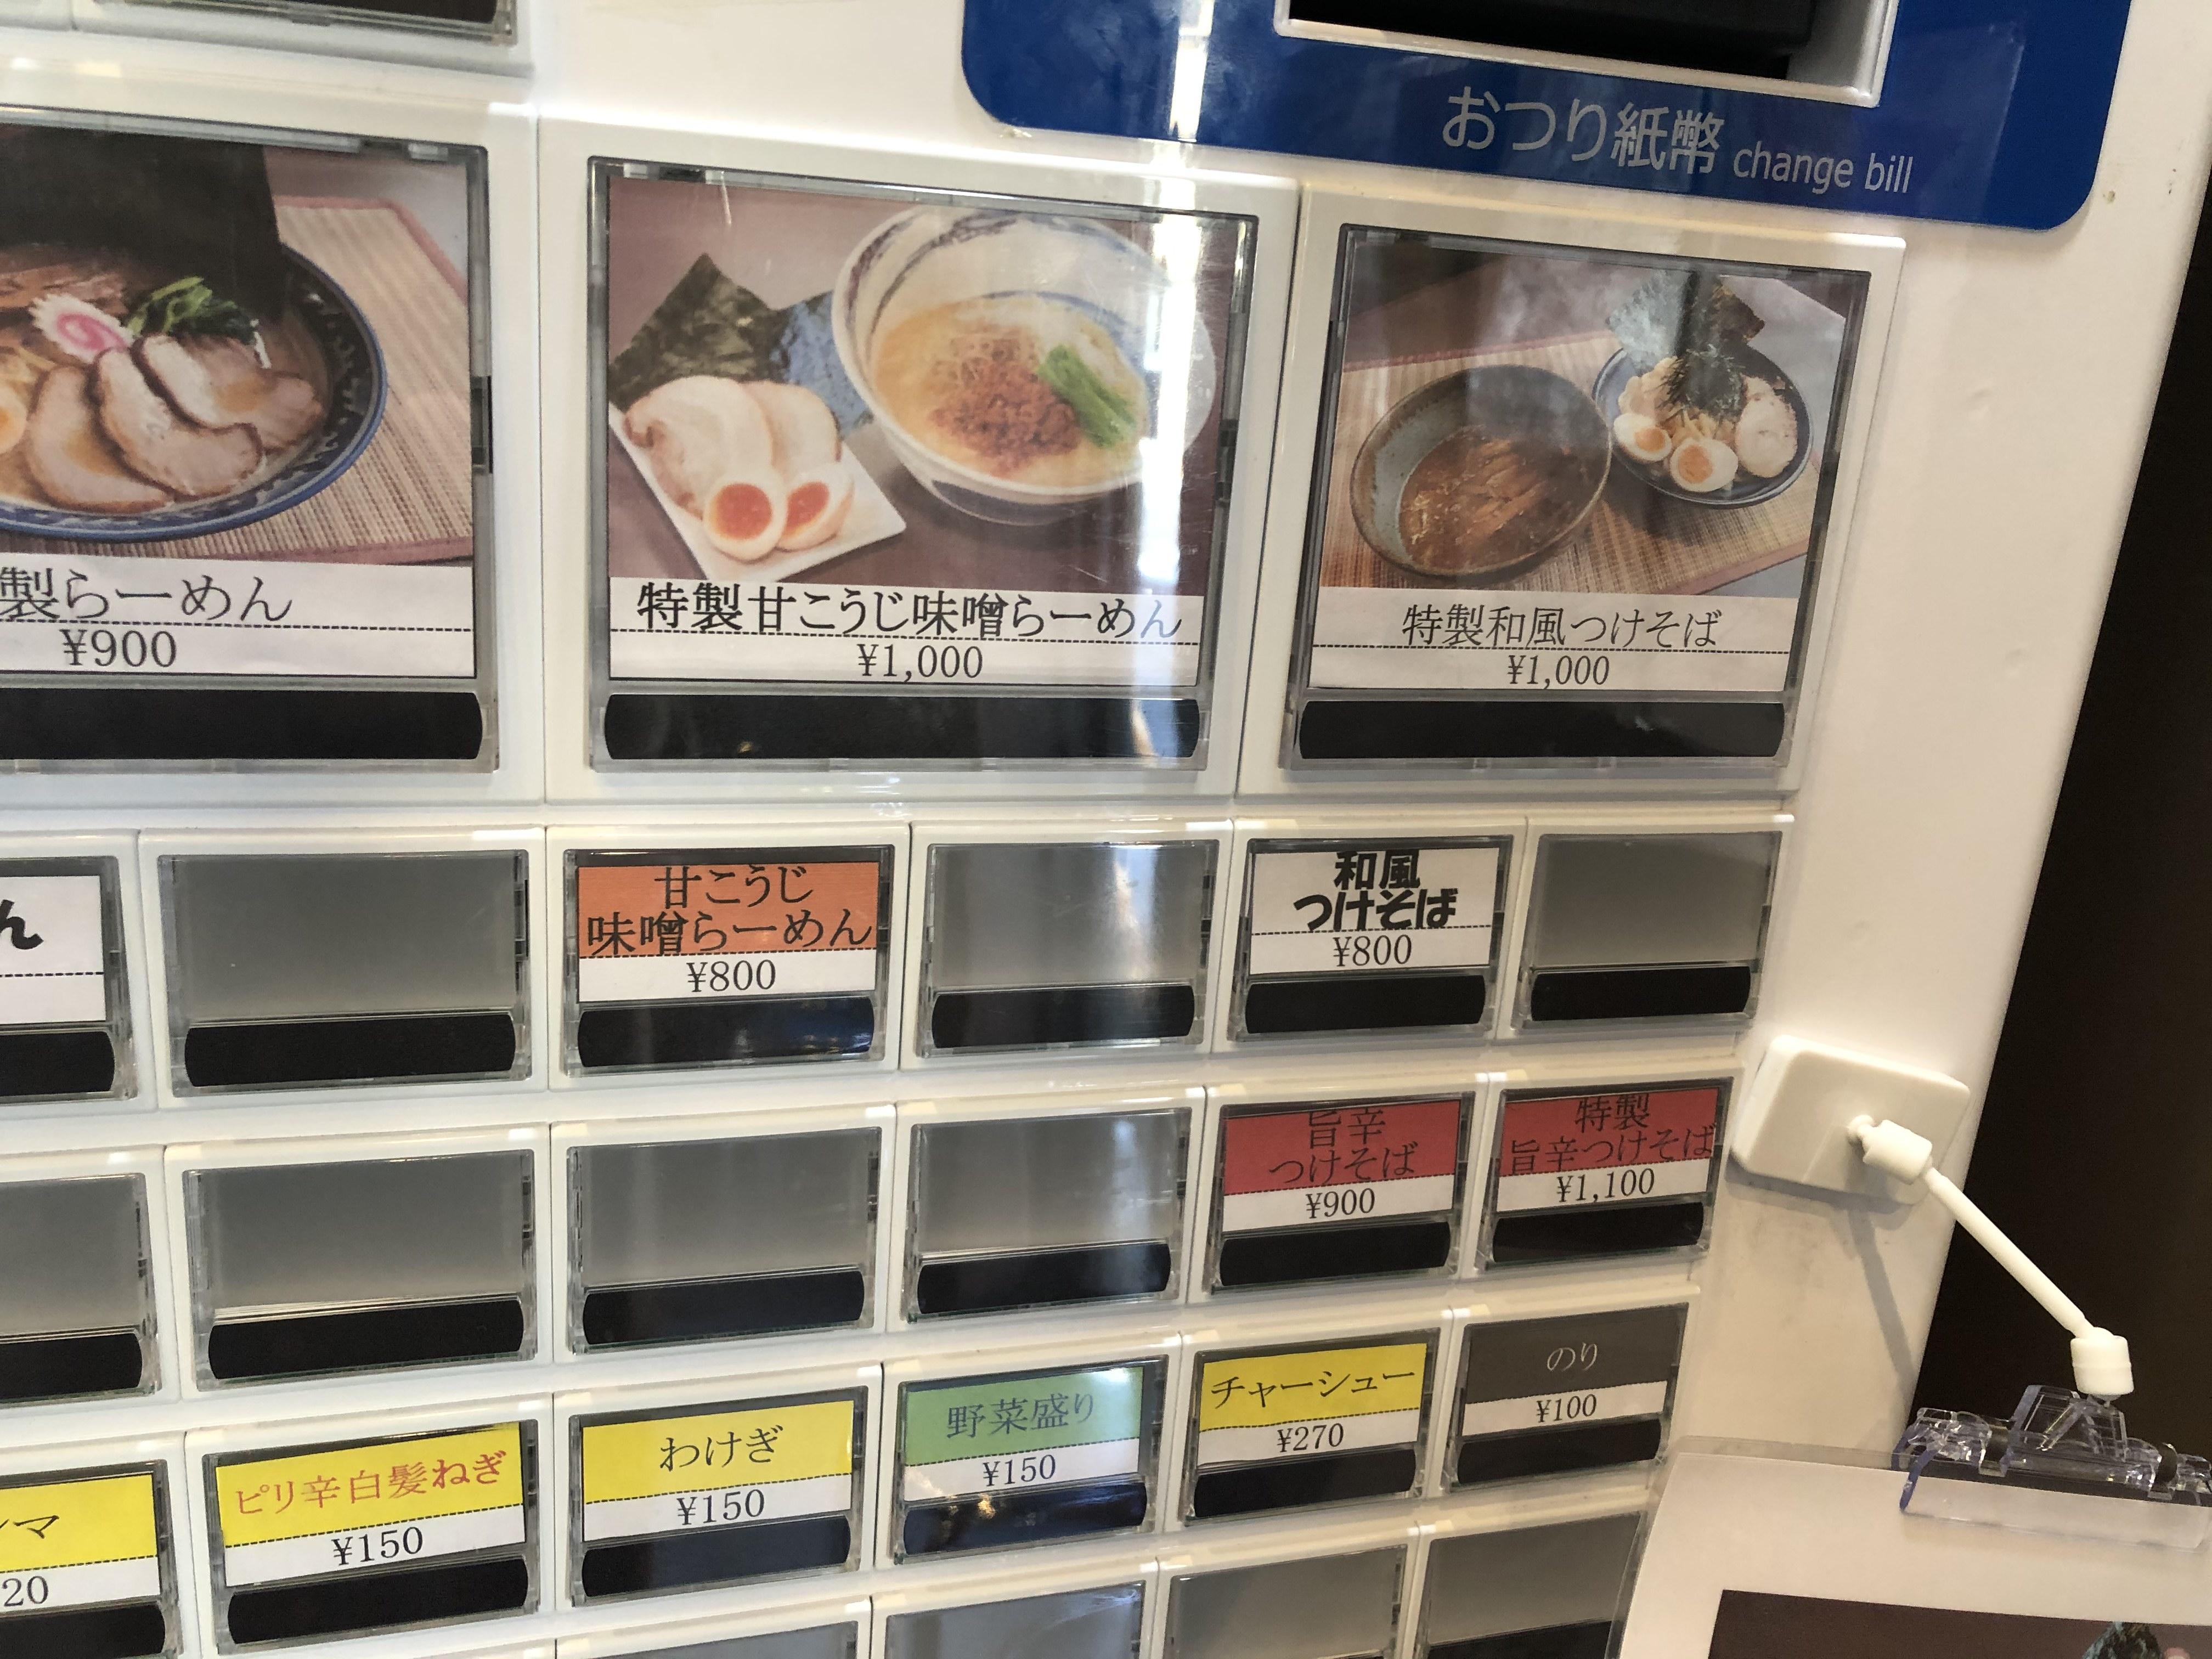 麺彩房中野本店@東京都中野区新井3-6-7 券売機2月23日